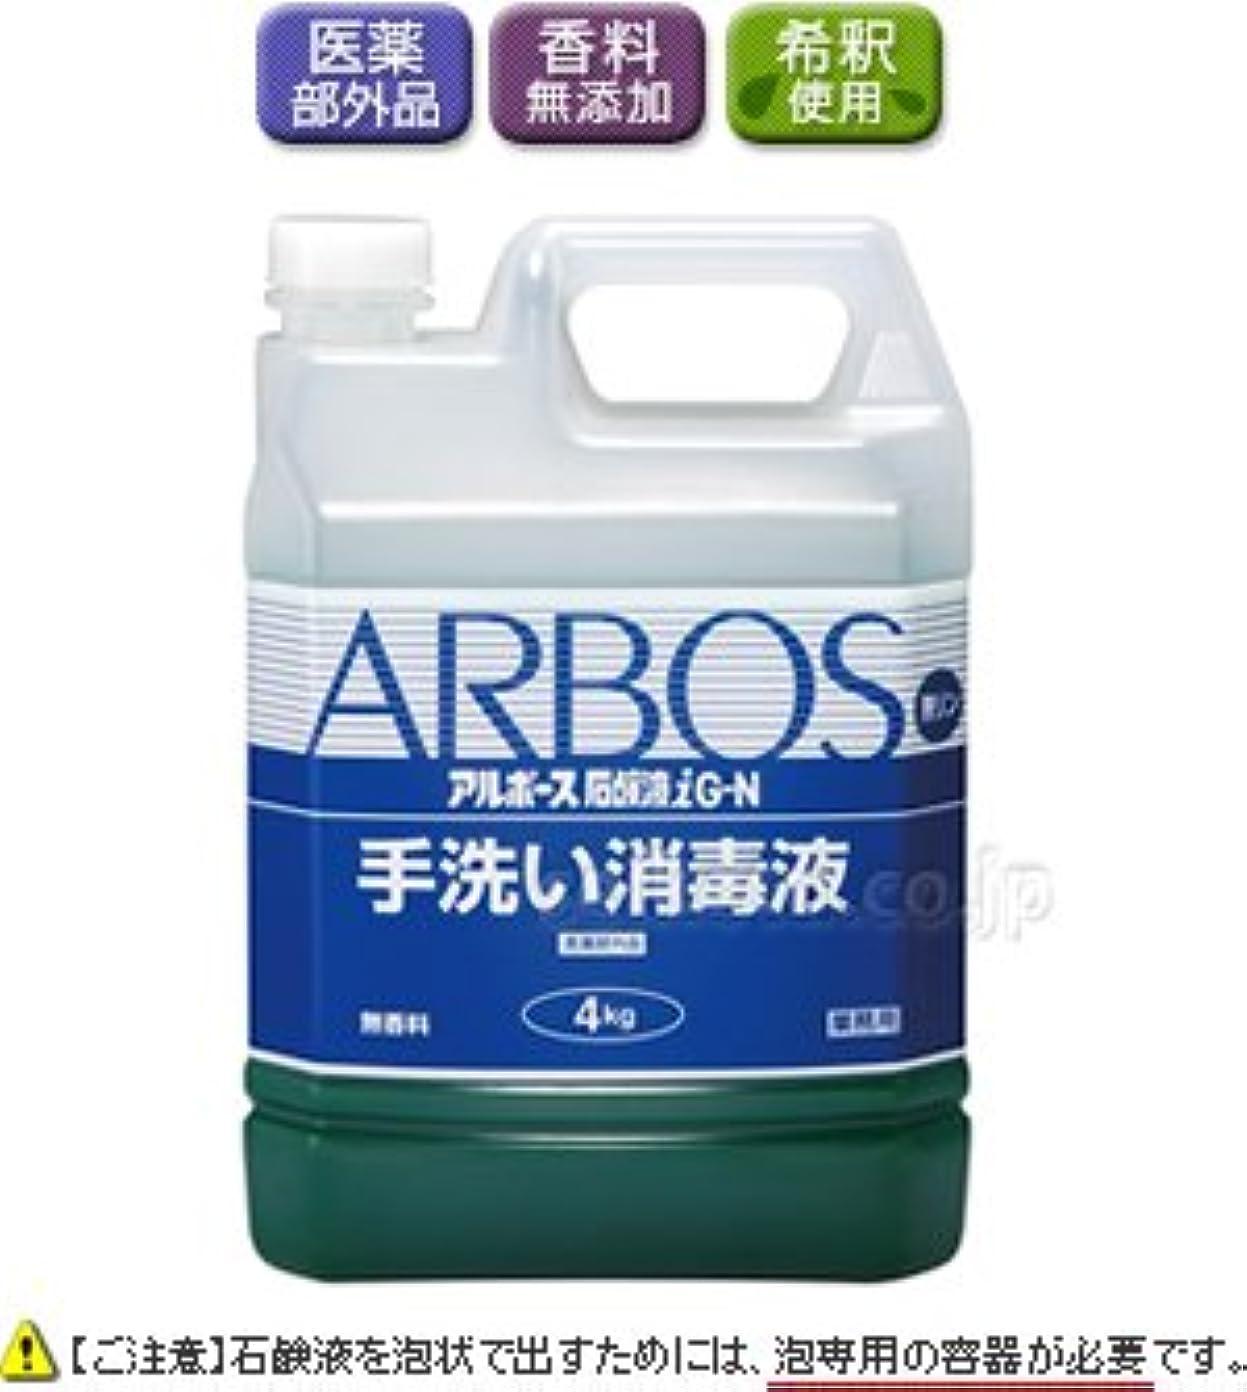 を除く教育するアプローチ【清潔キレイ館】アルボース石鹸液iG-N お得な4kg×4本セット